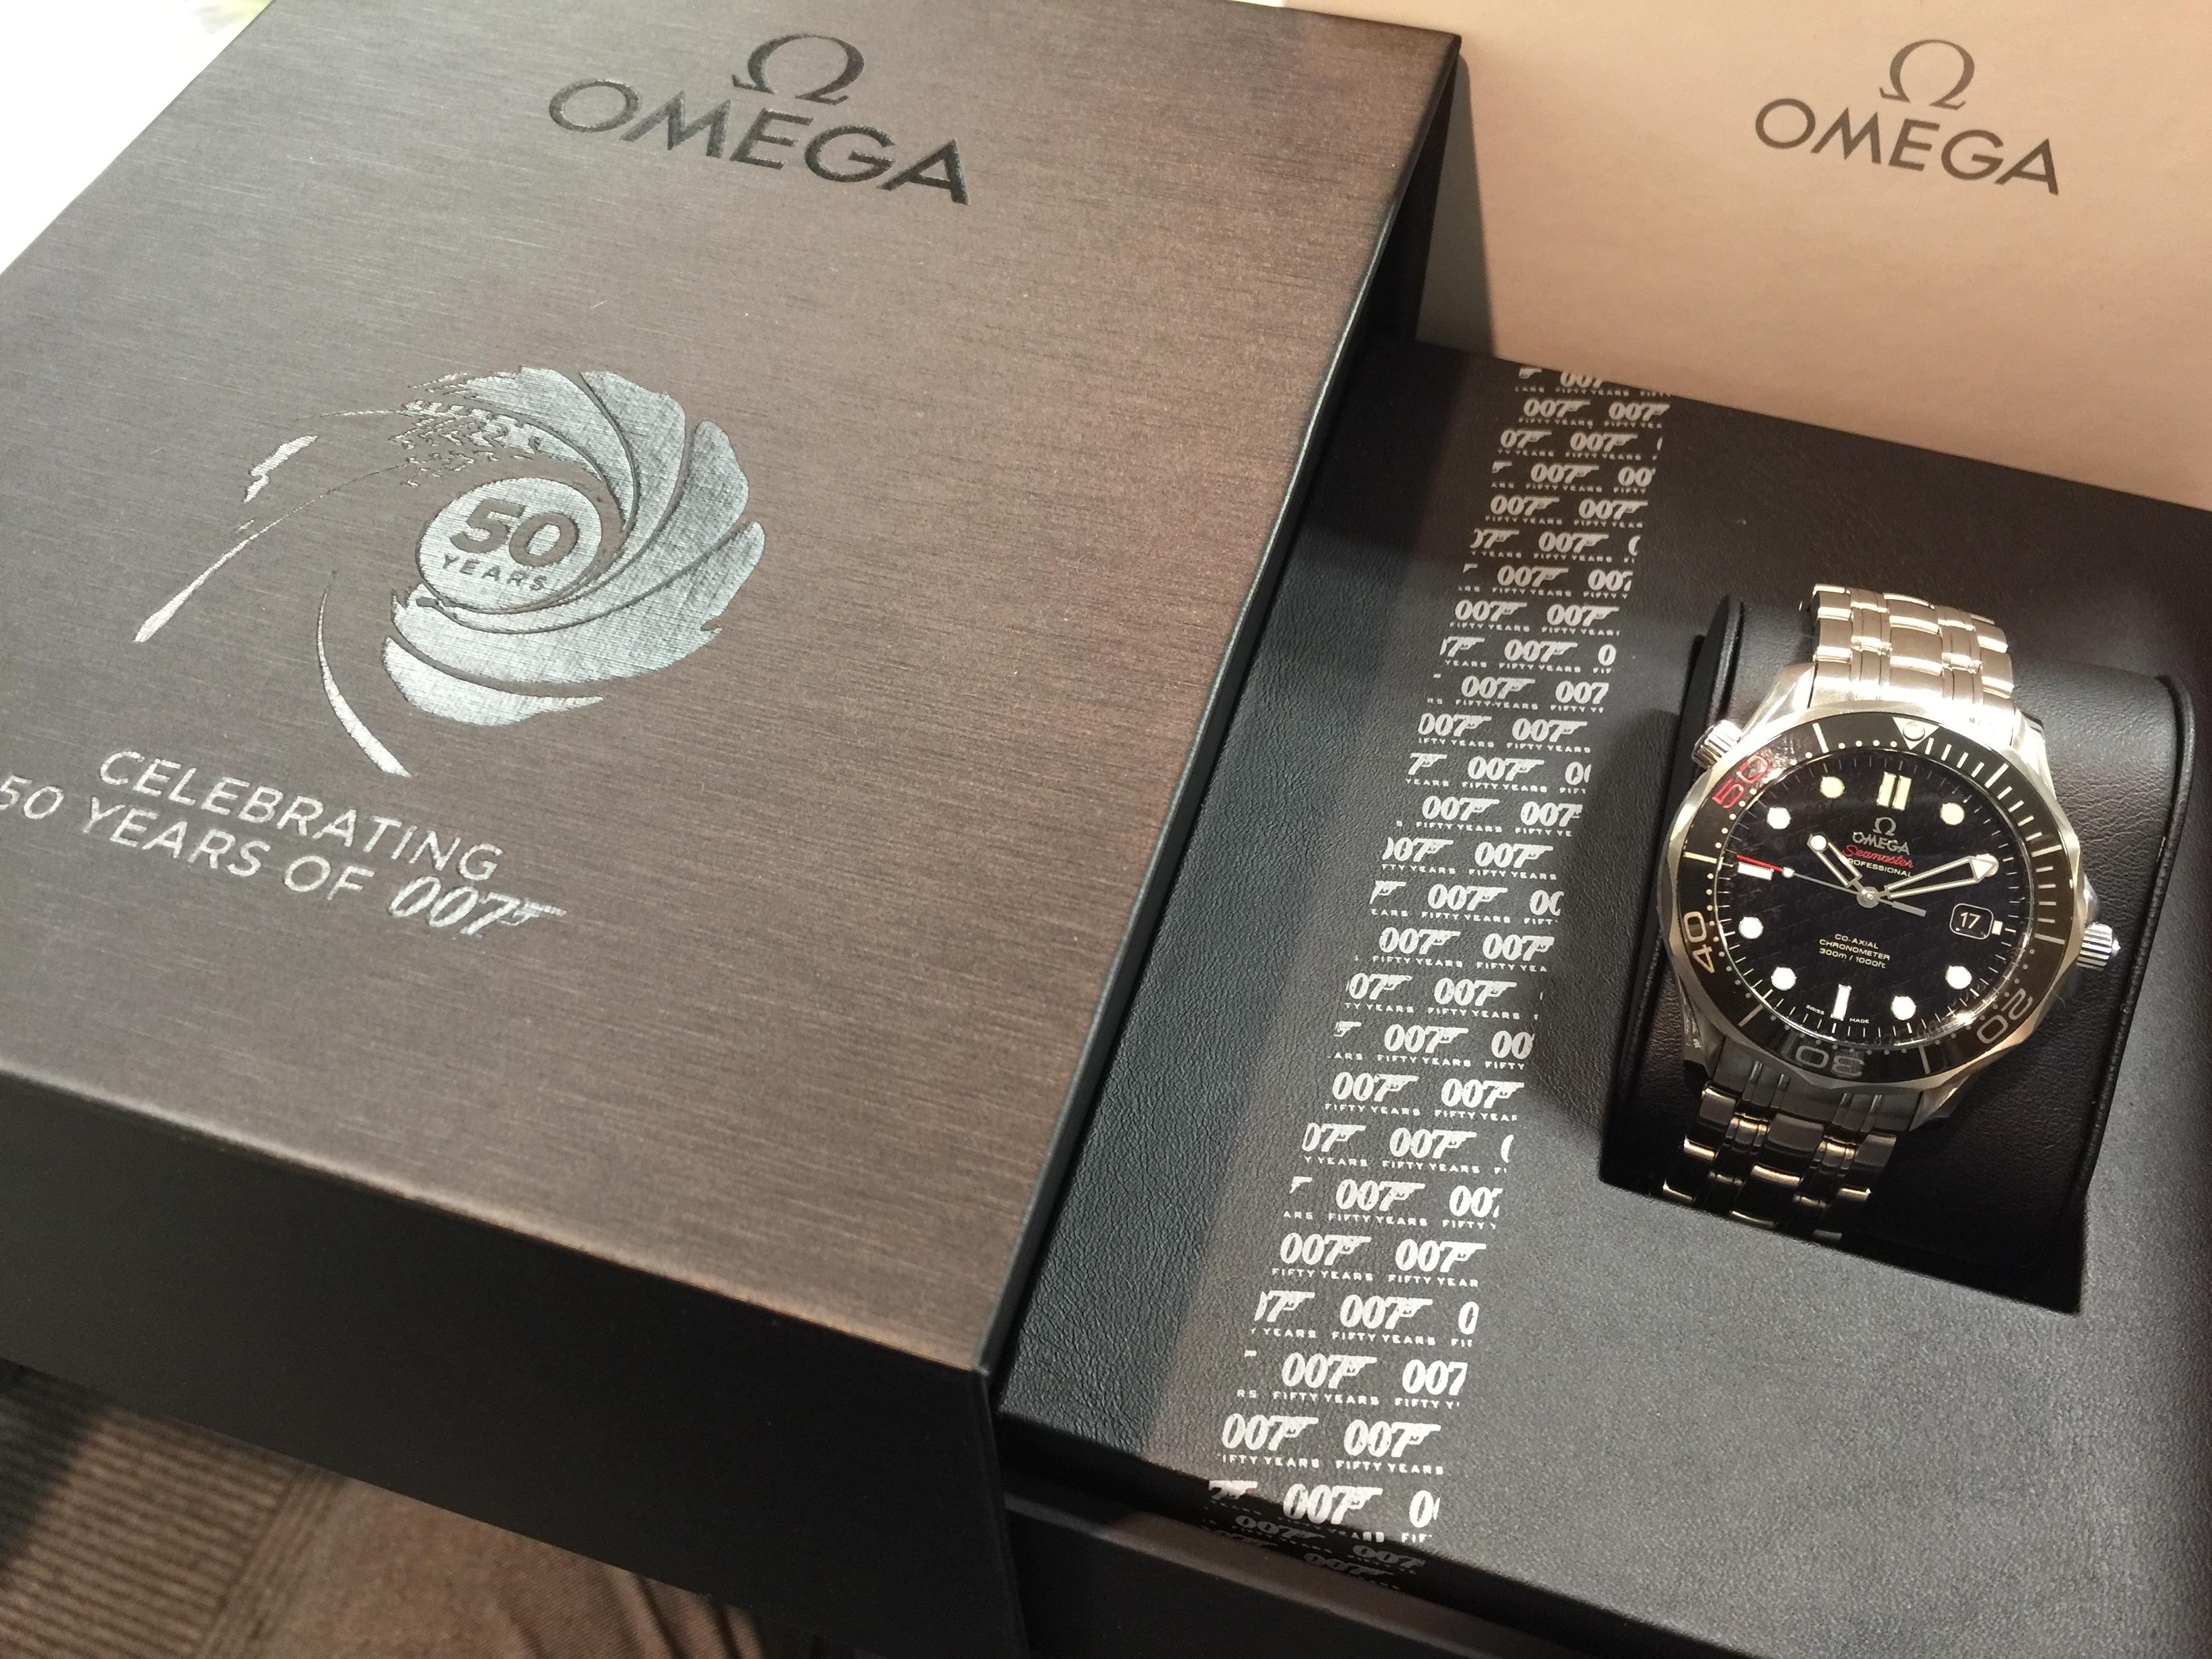 オメガ OMEGA シーマスター プロフェッショナル コーアクシャル 007ジェームズ・ボンド 世界限定11007本 212.30.41.20.01.005